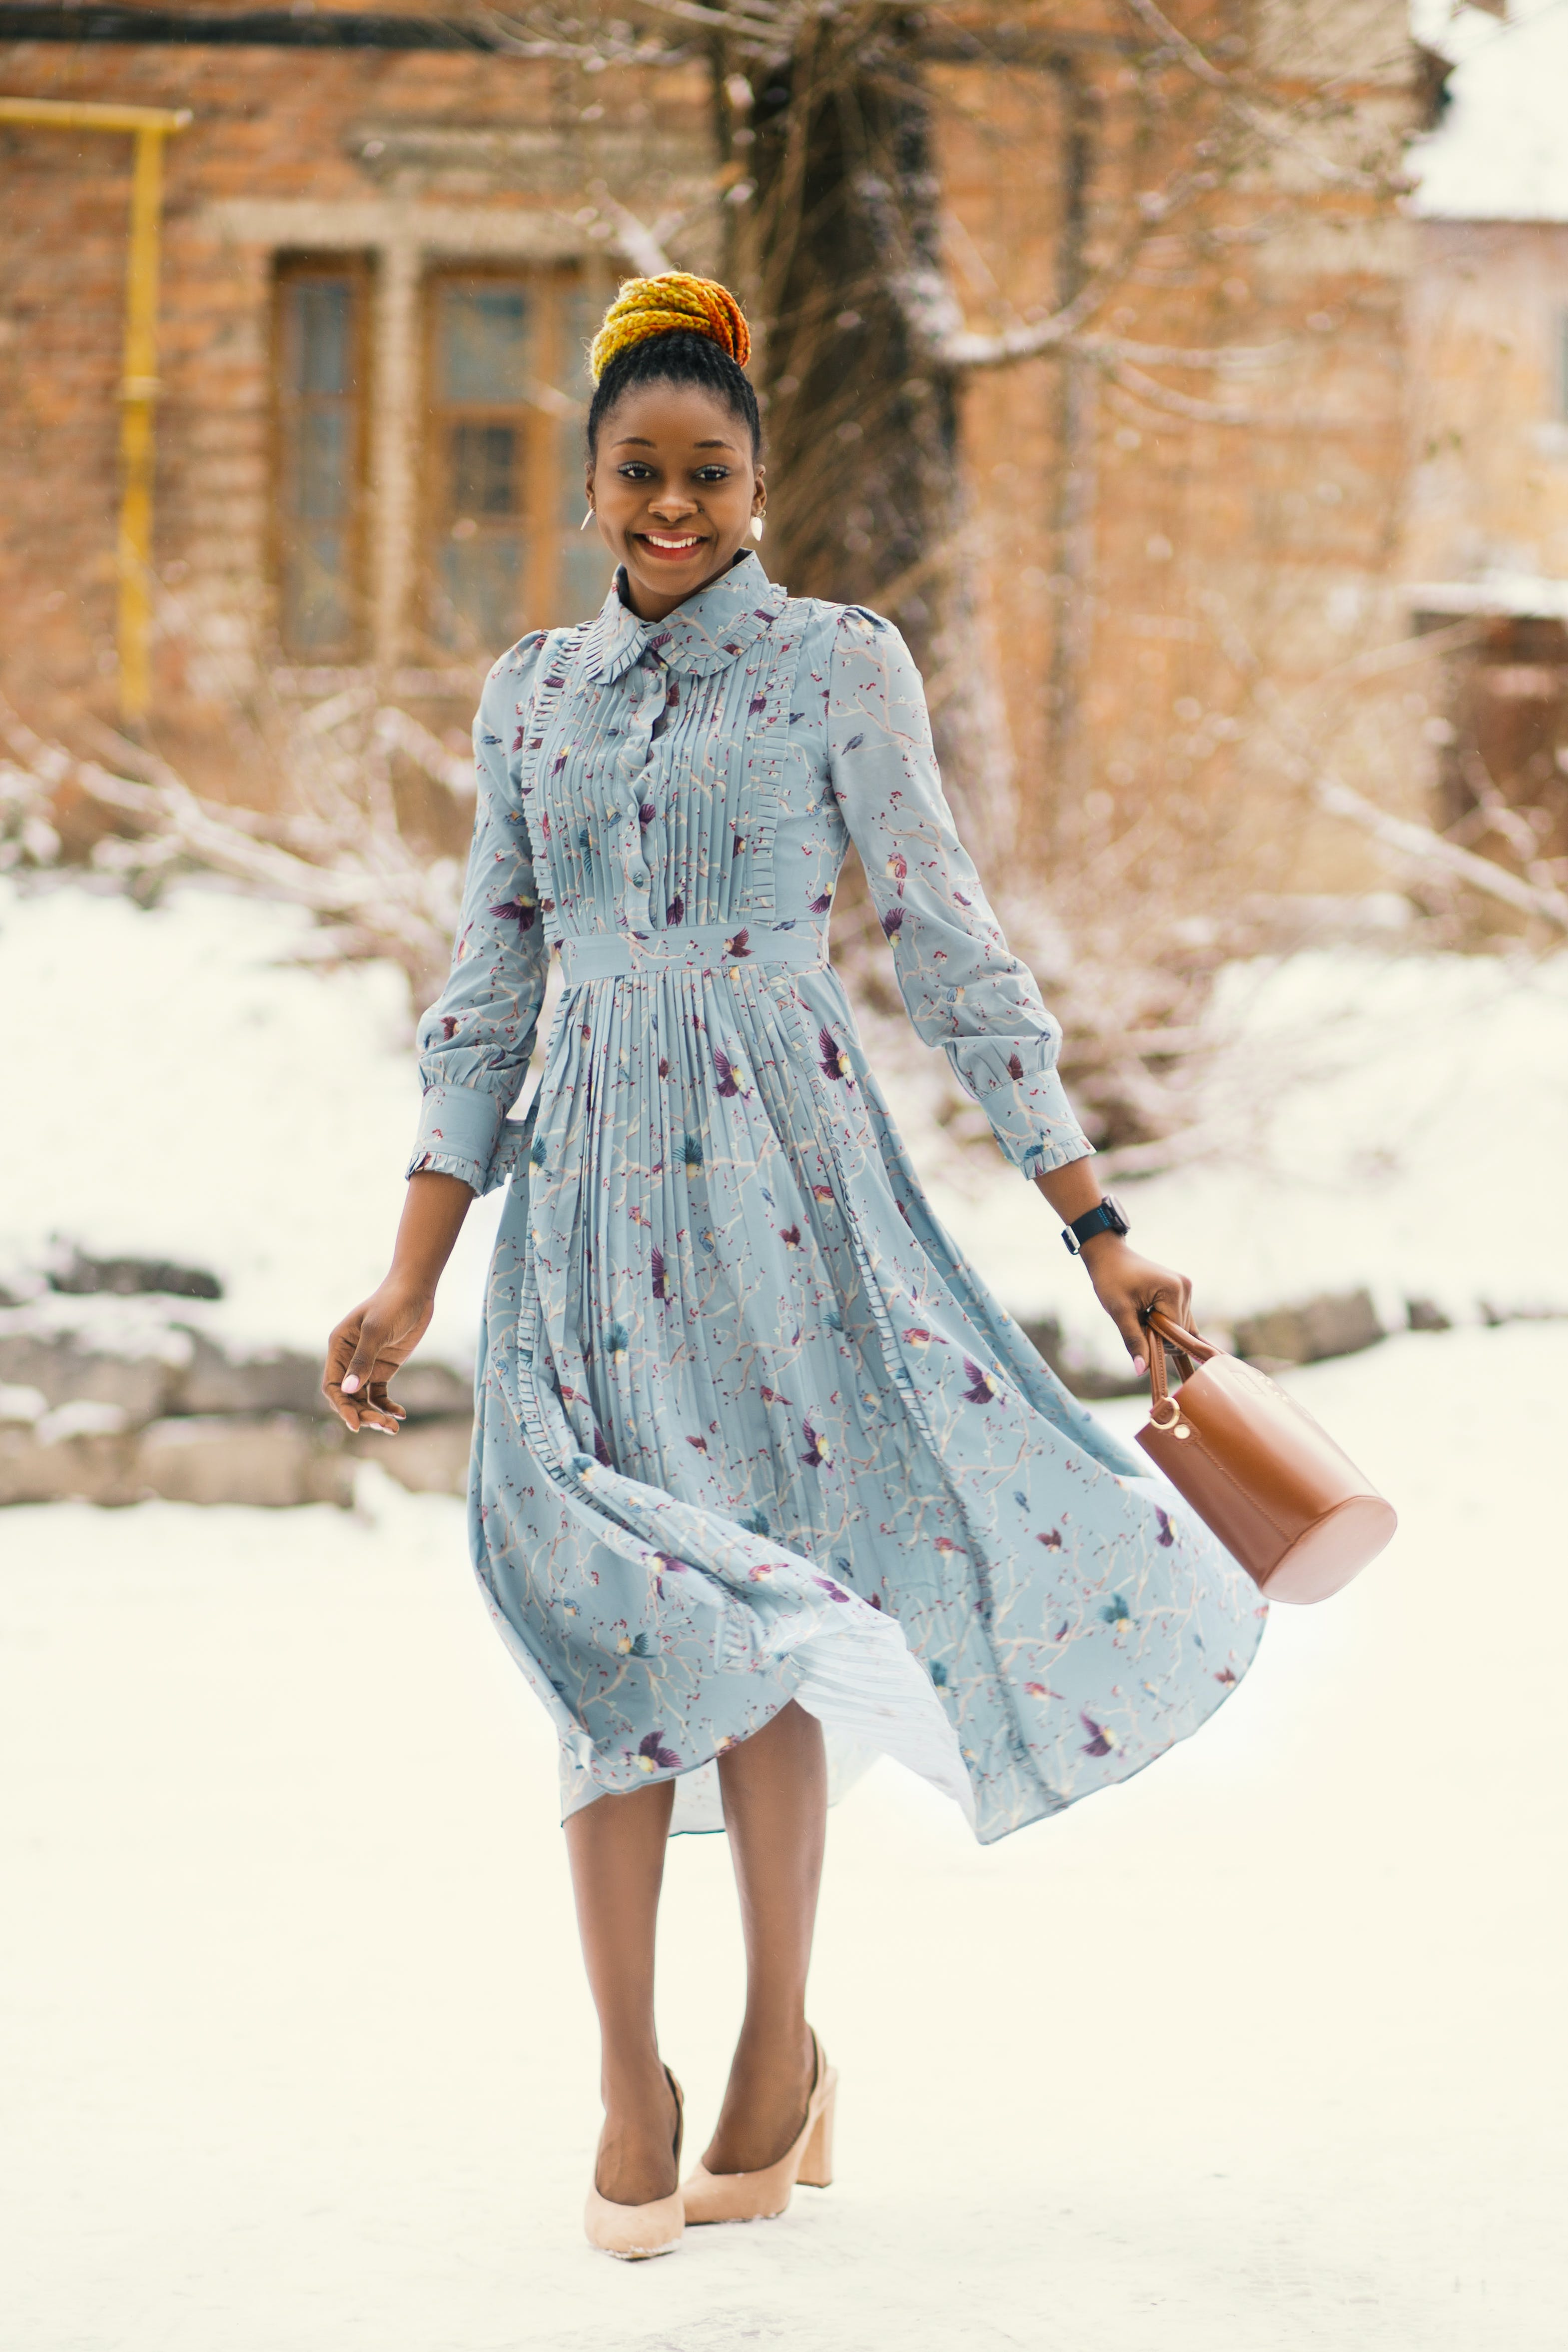 Kostenloses Stock Foto zu farbige frau, fashion, frau, hübsch